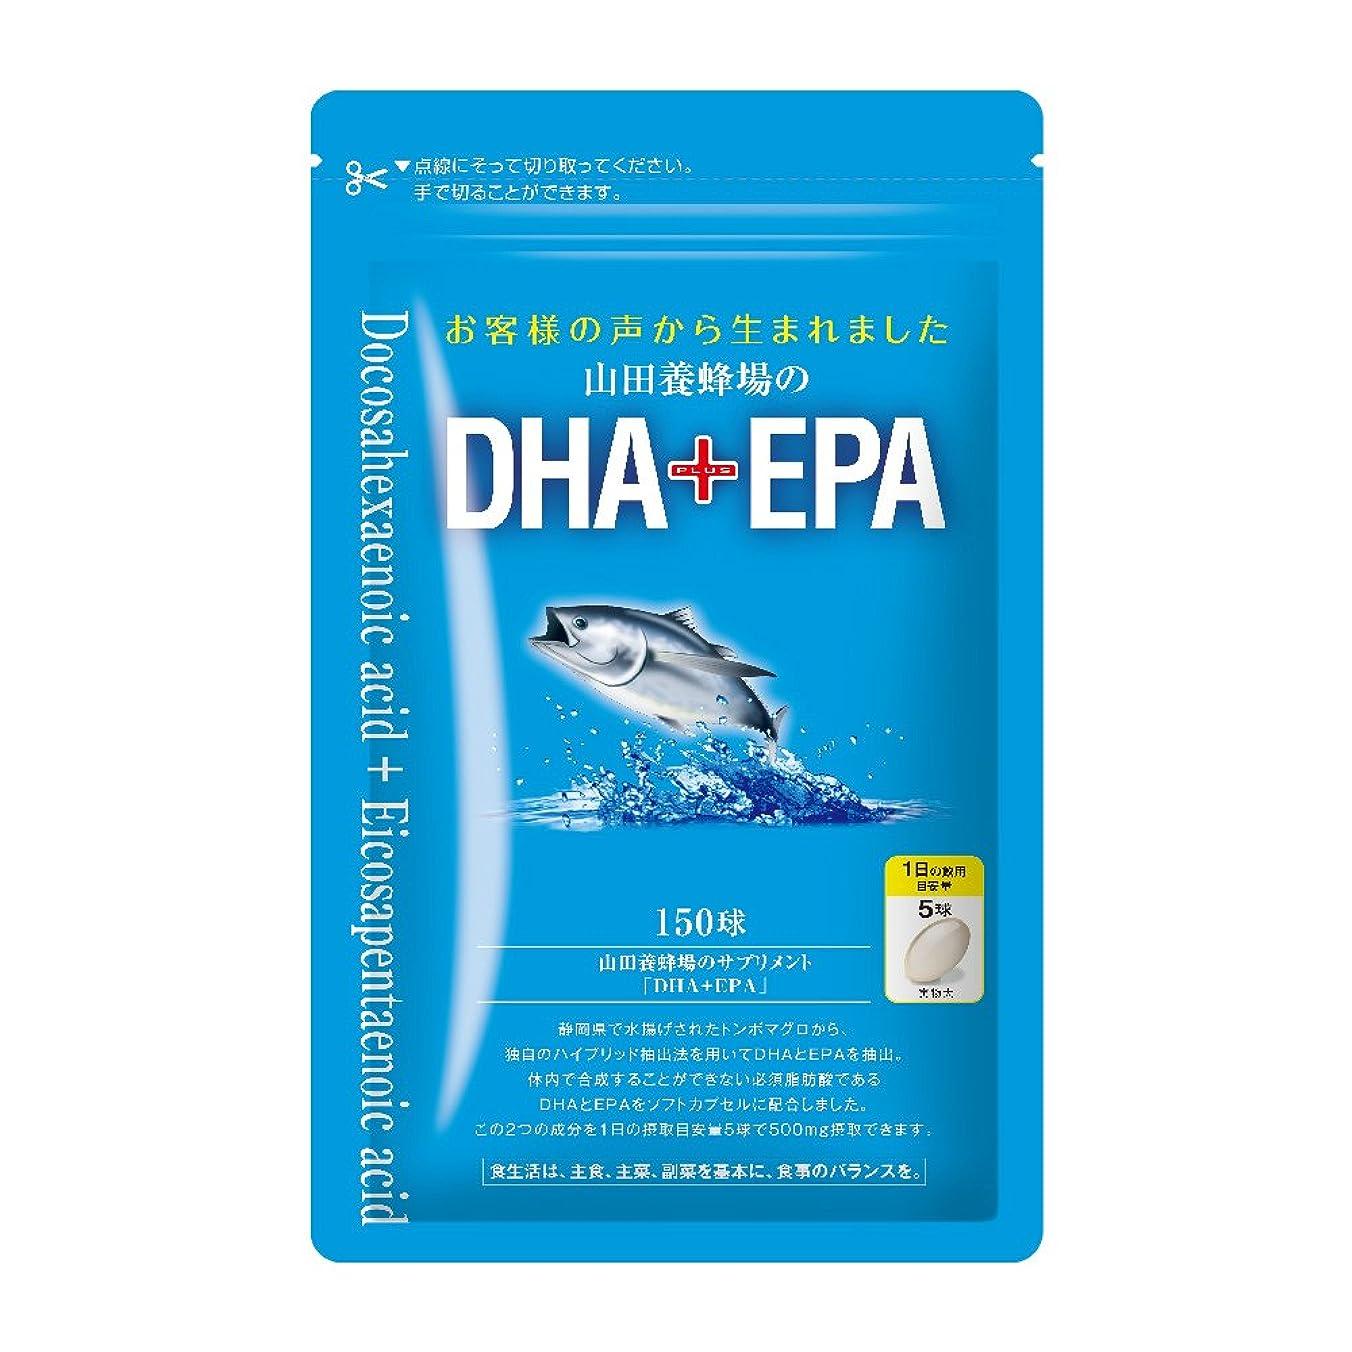 仲間汚染する野心DHA+EPA 1袋(150球) DHA+EPA <150 tablets> In a bag